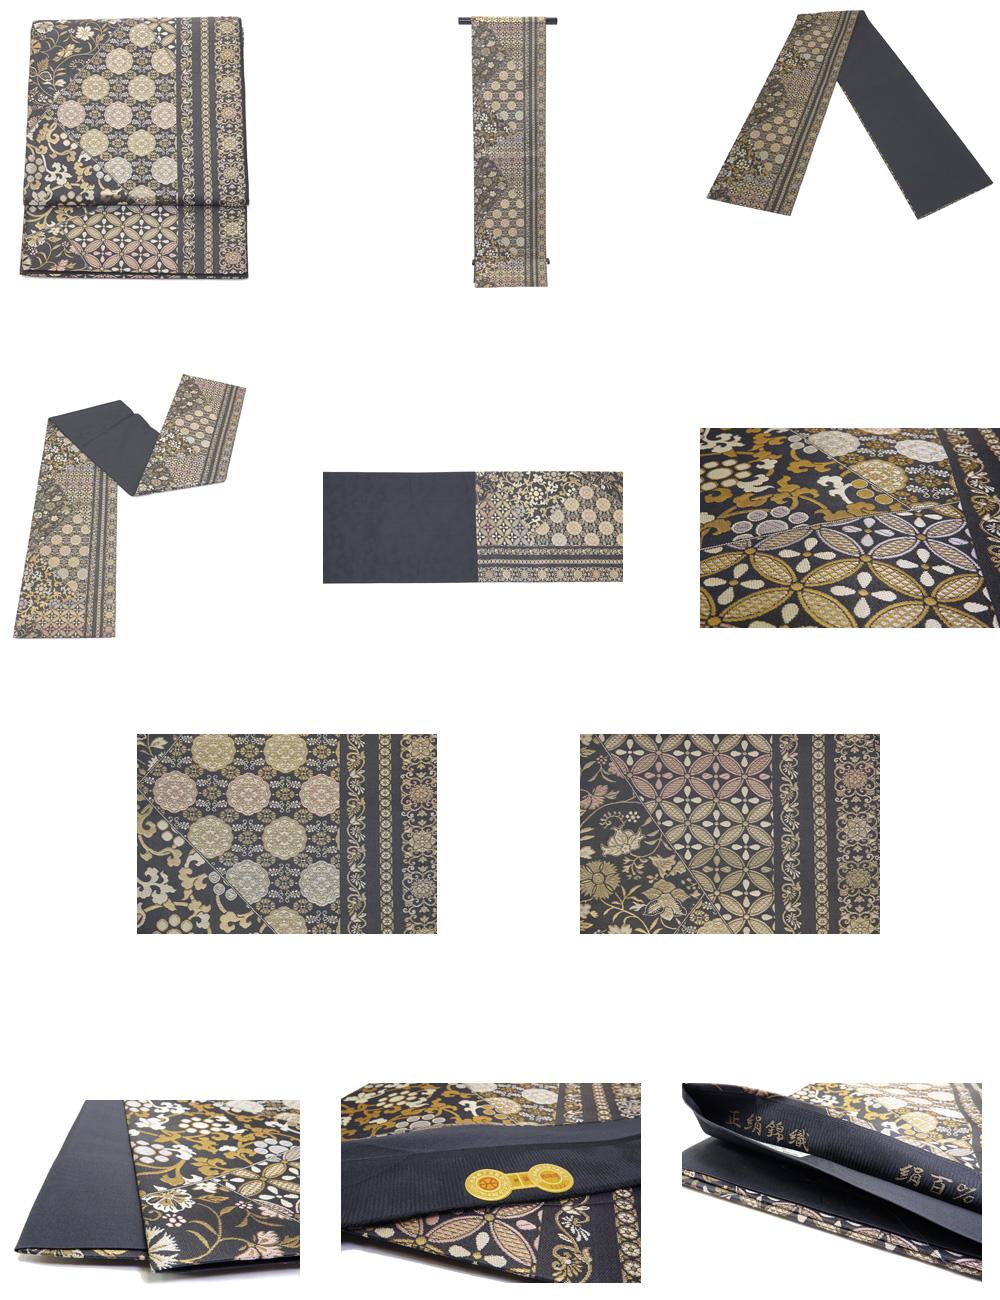 袋帯 陰山織物